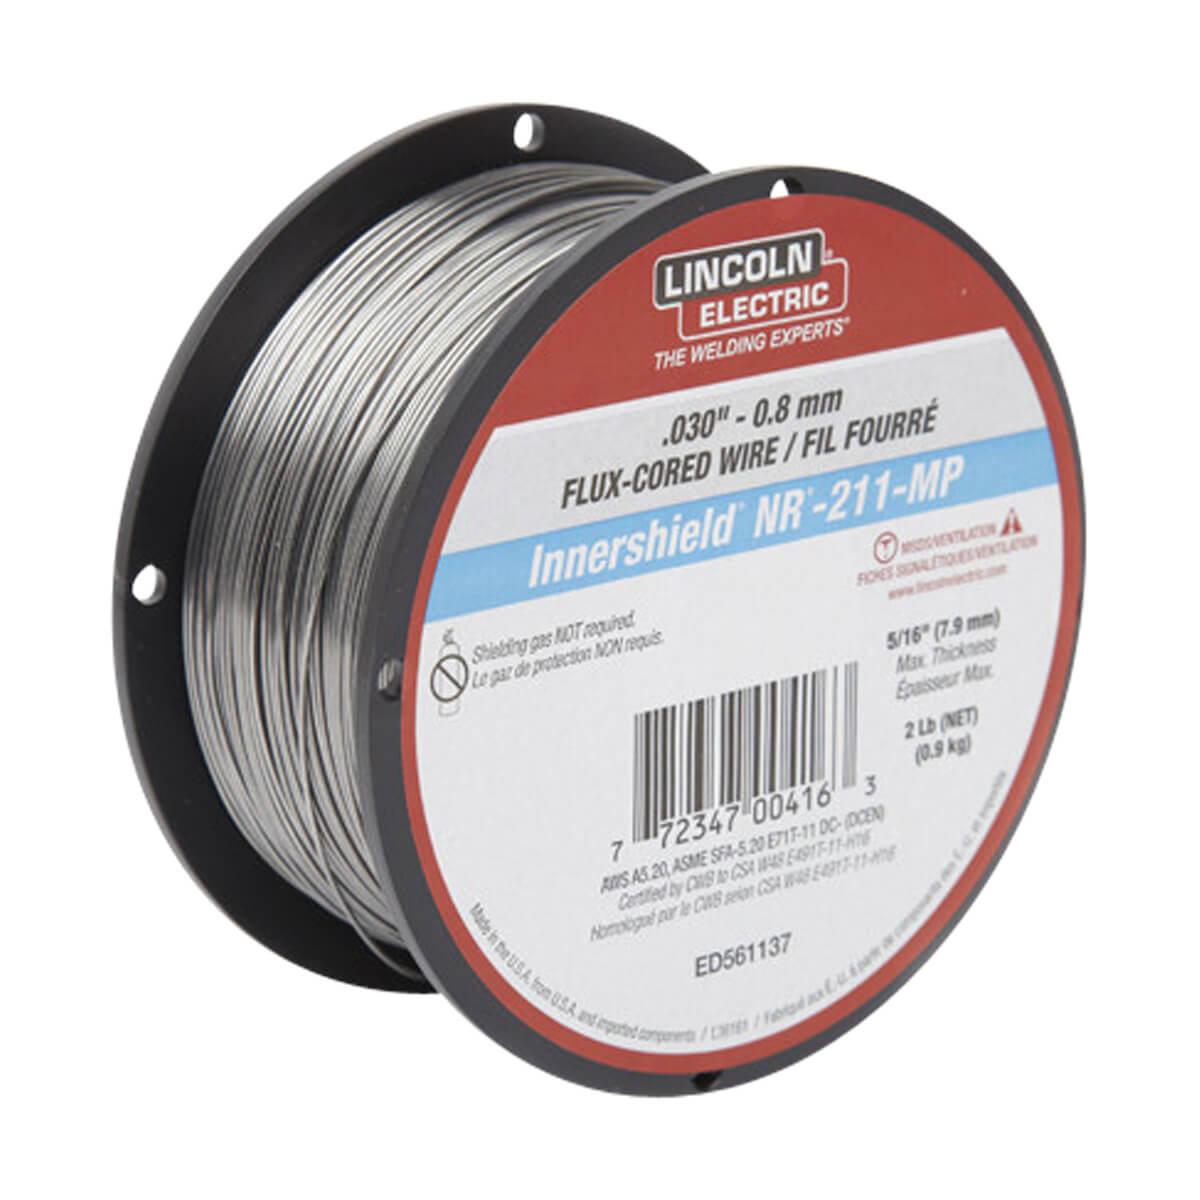 Lincoln Wire Fluxcore - 2 lb